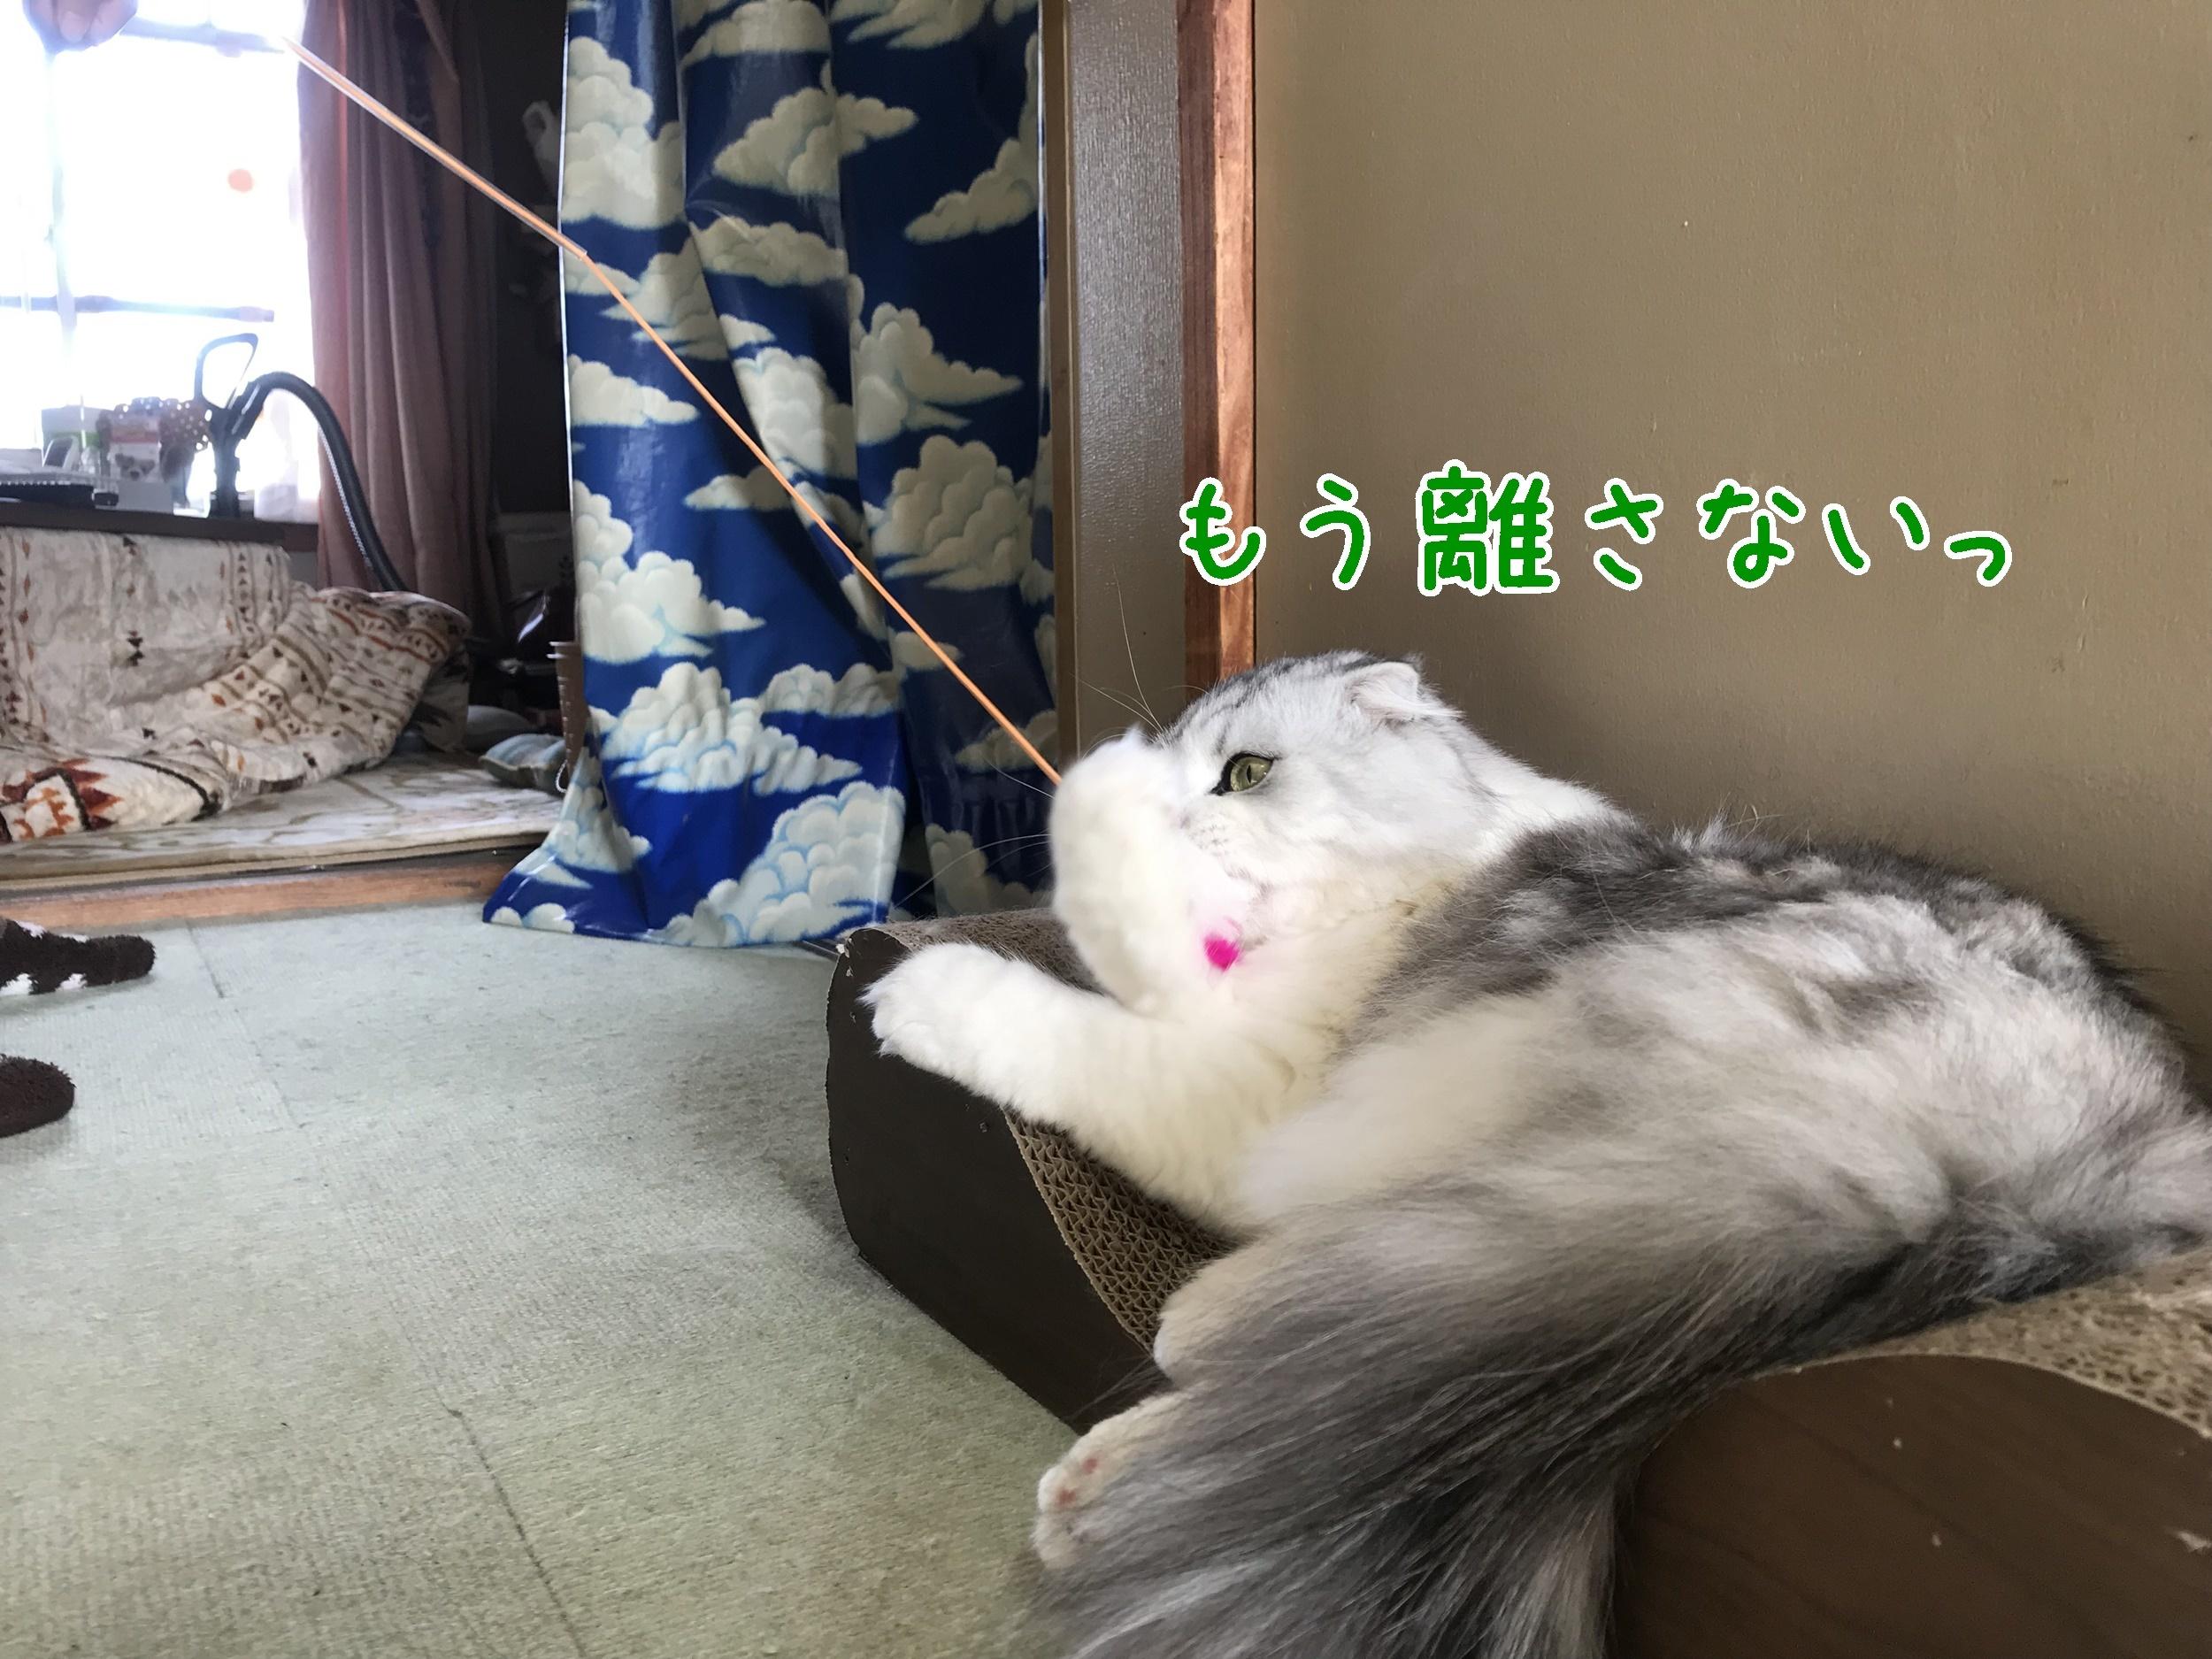 20181216-102512-01.jpg